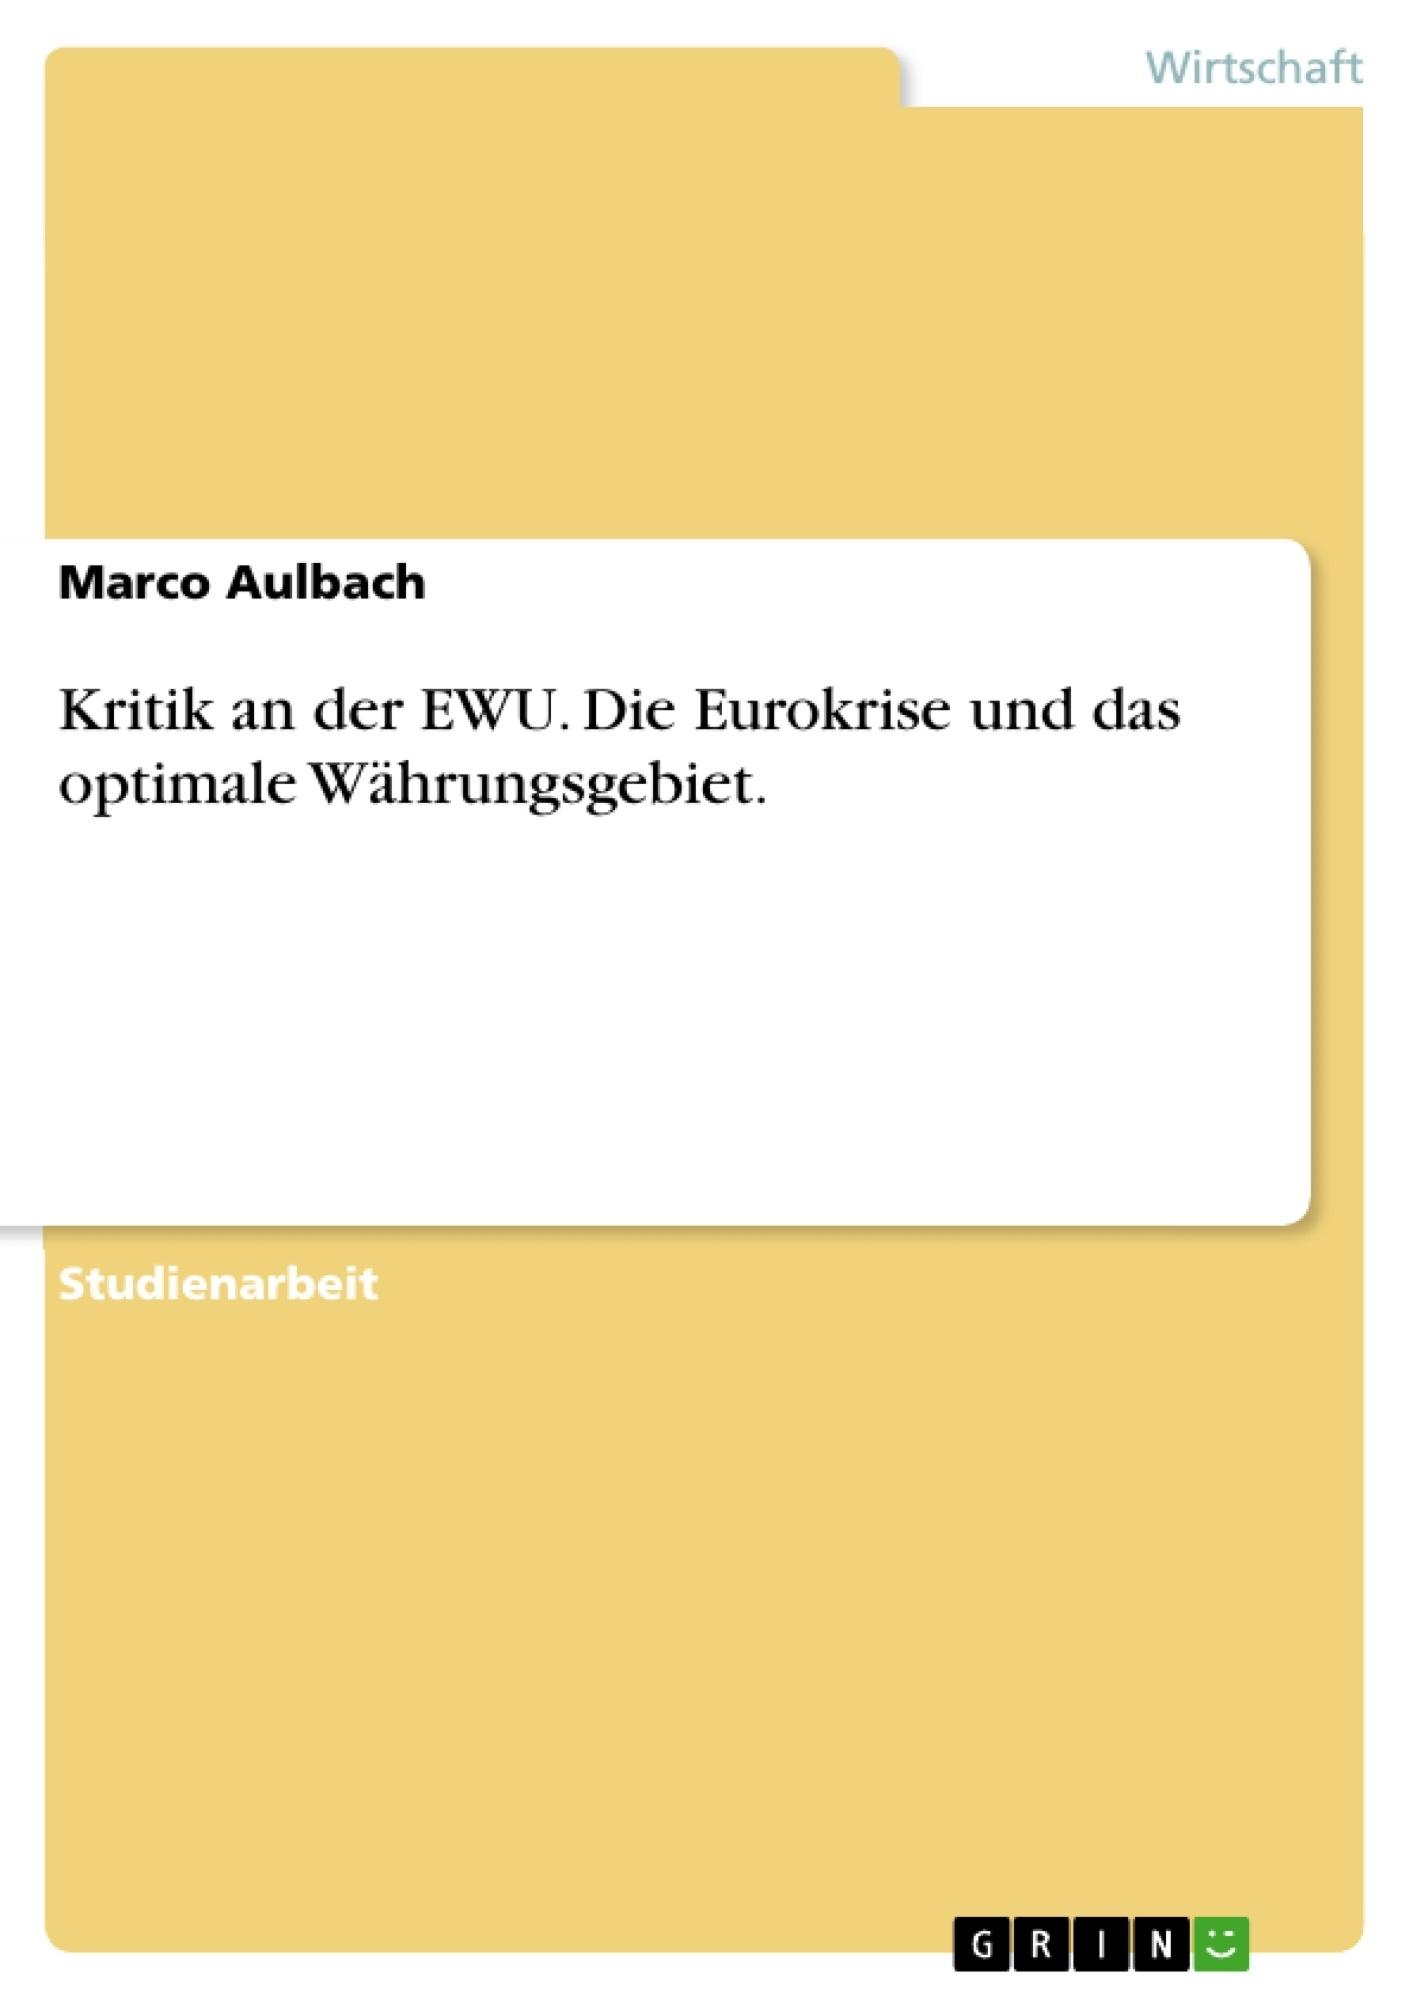 Titel: Kritik an der EWU. Die Eurokrise und das optimale Währungsgebiet.